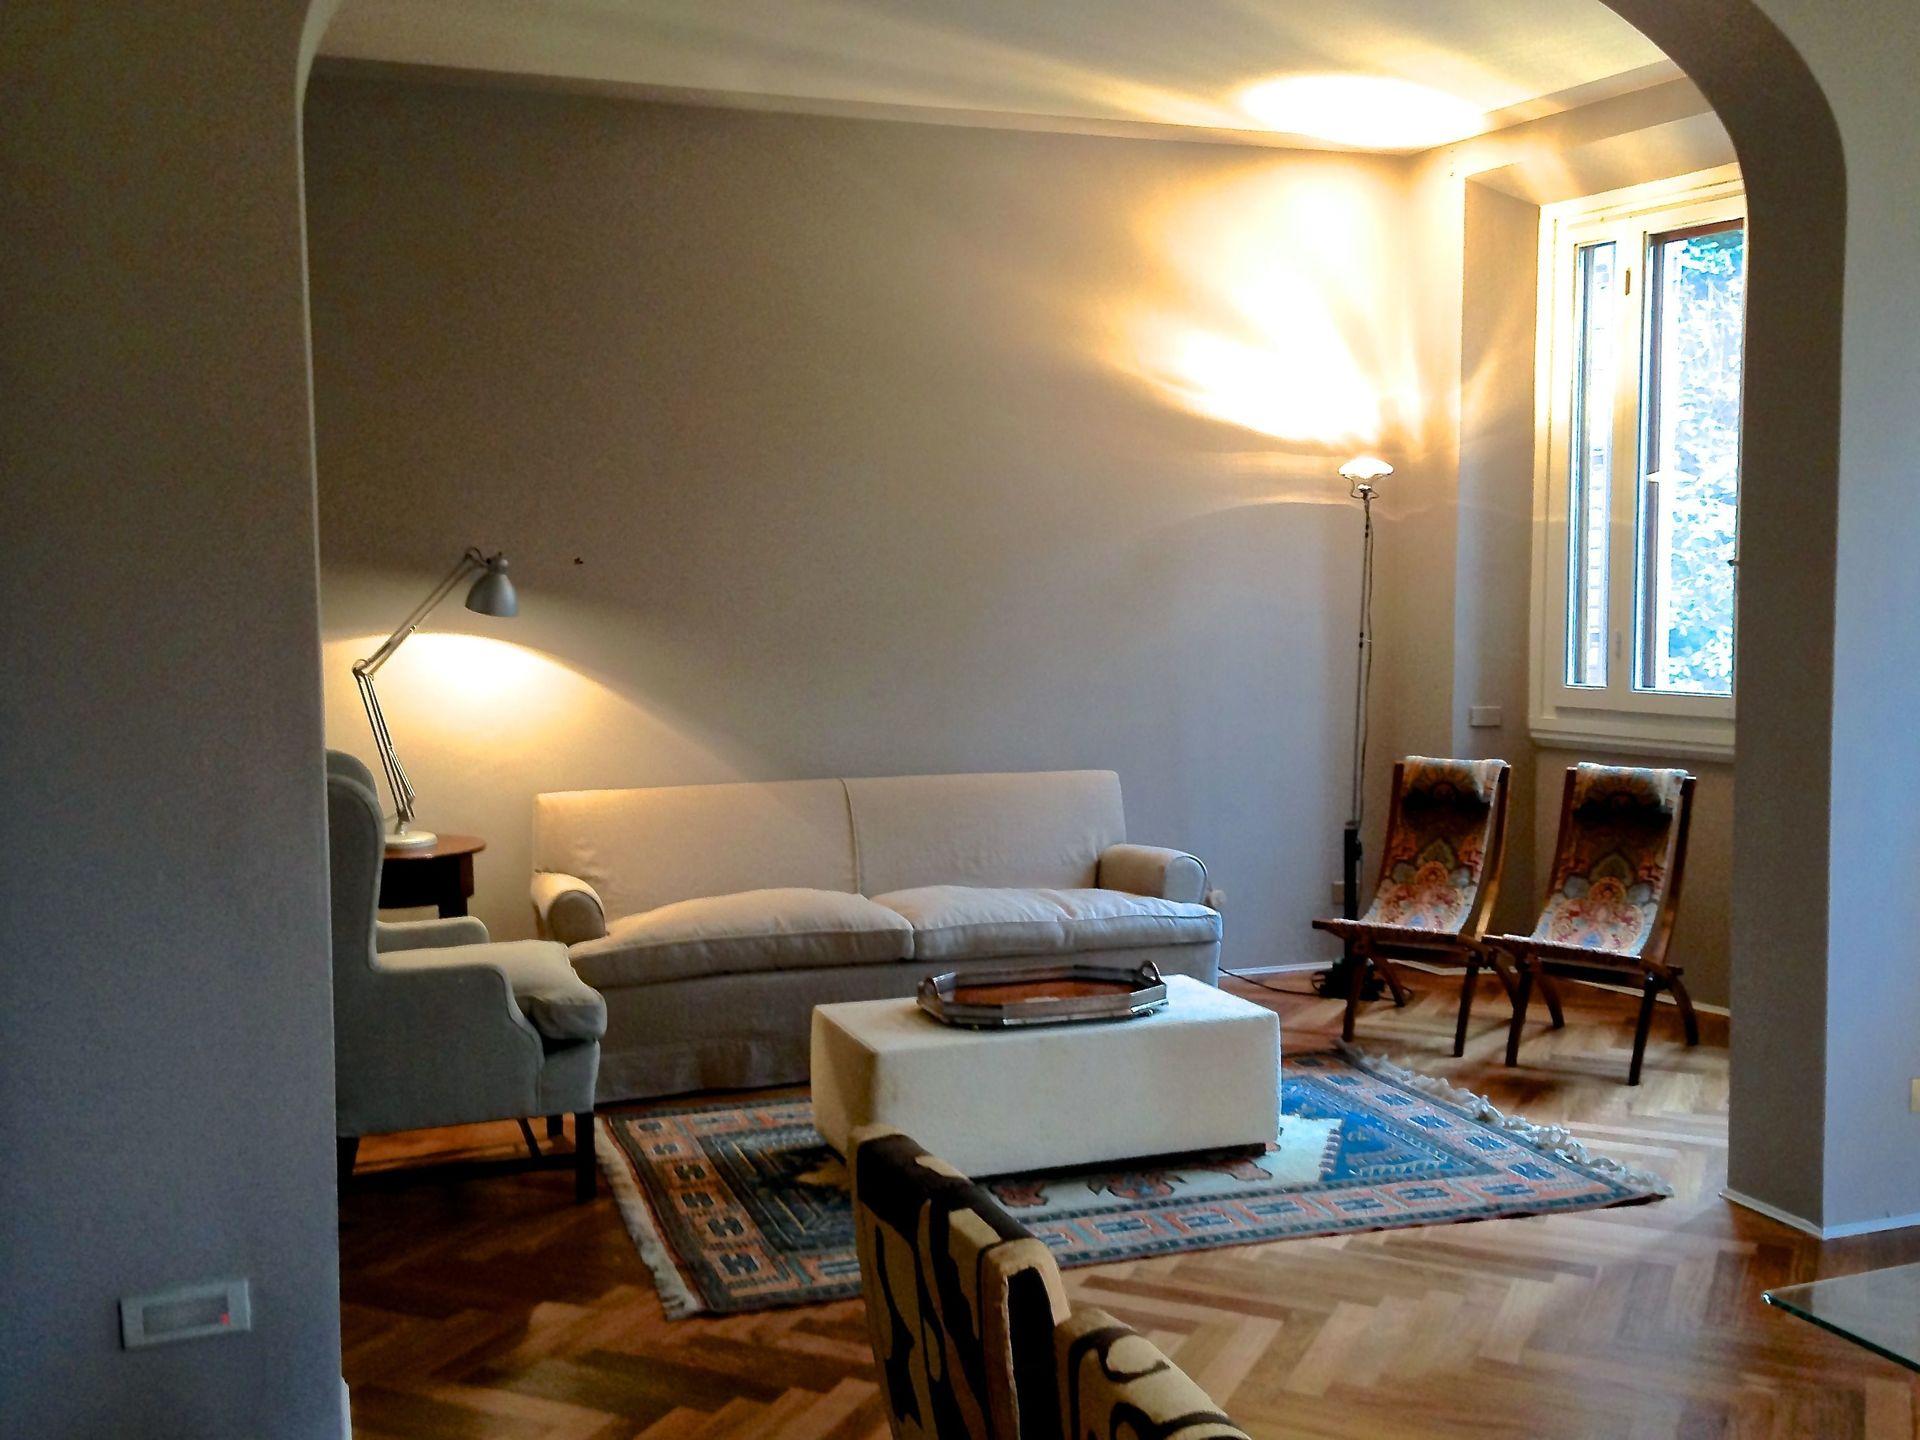 Ex corde montis casina casa vacanze con 8 posti letto in 4 camere firenze toscana italia - Camere da letto firenze ...